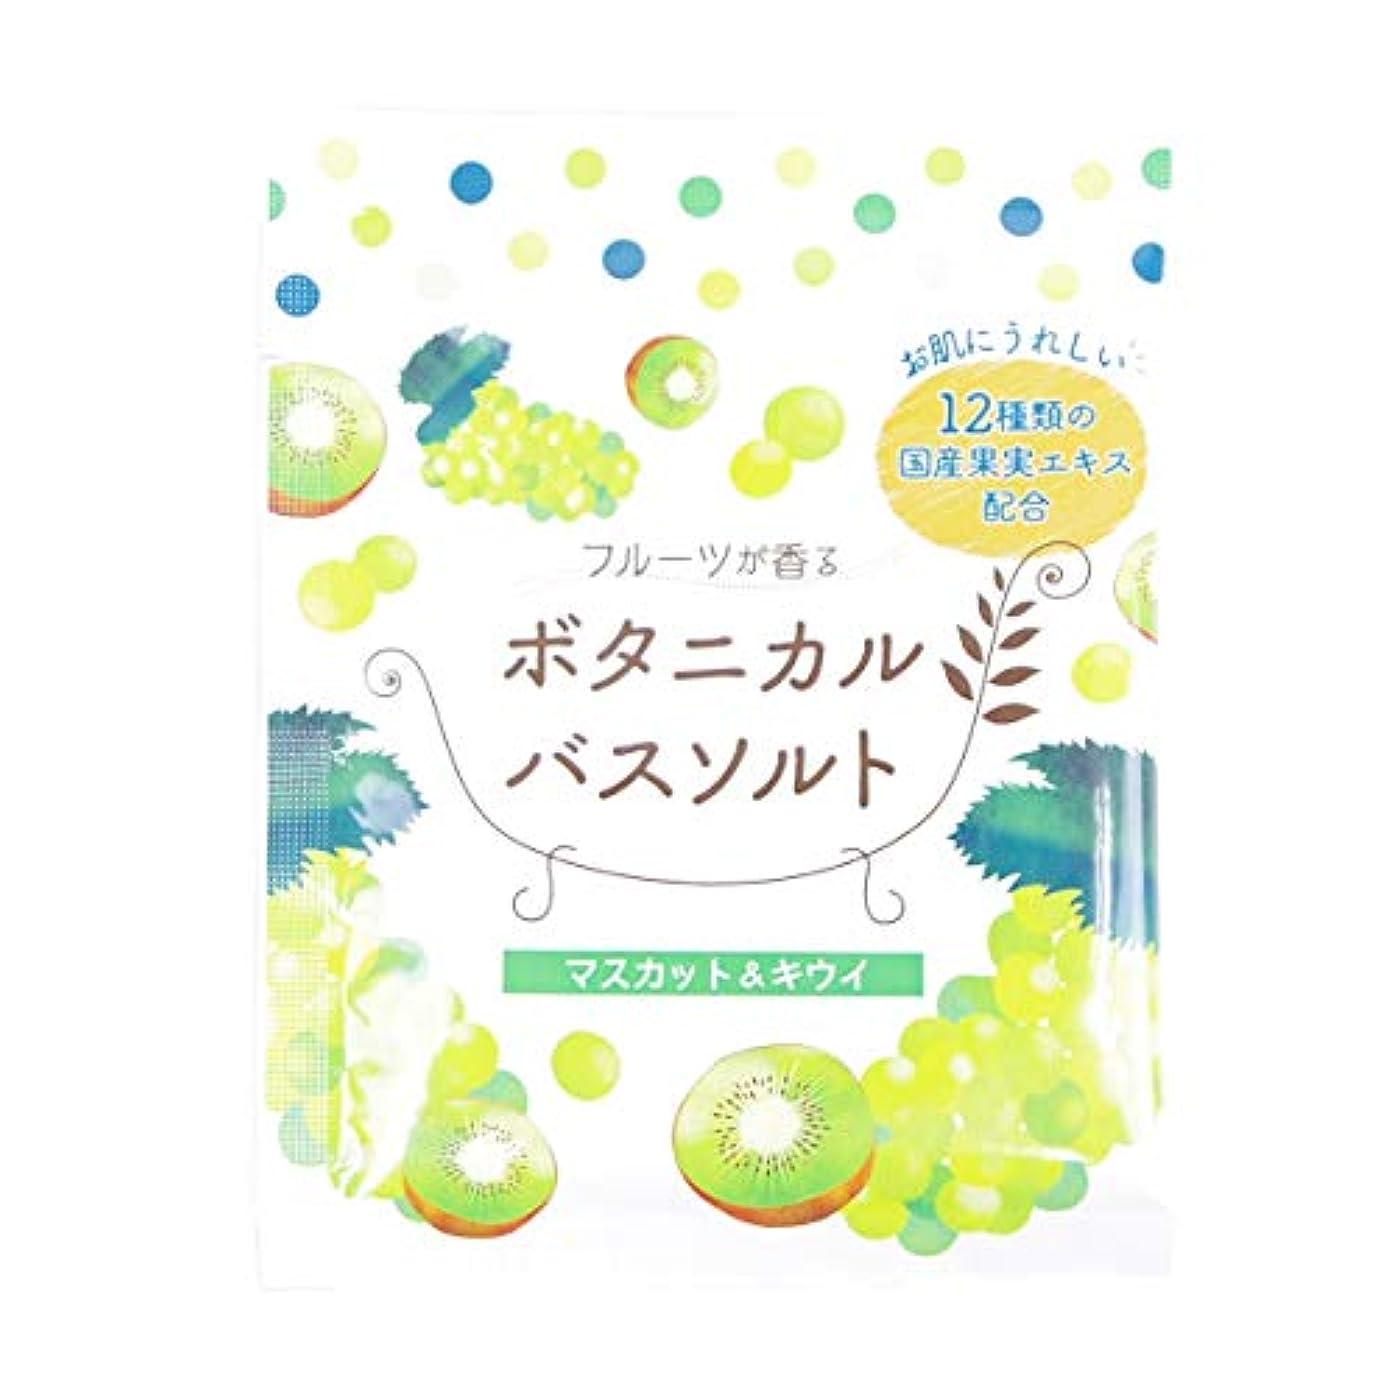 オペレーター剪断コードレス松田医薬品 フルーツが香るボタニカルバスソルト マスカット&キウイ 30g